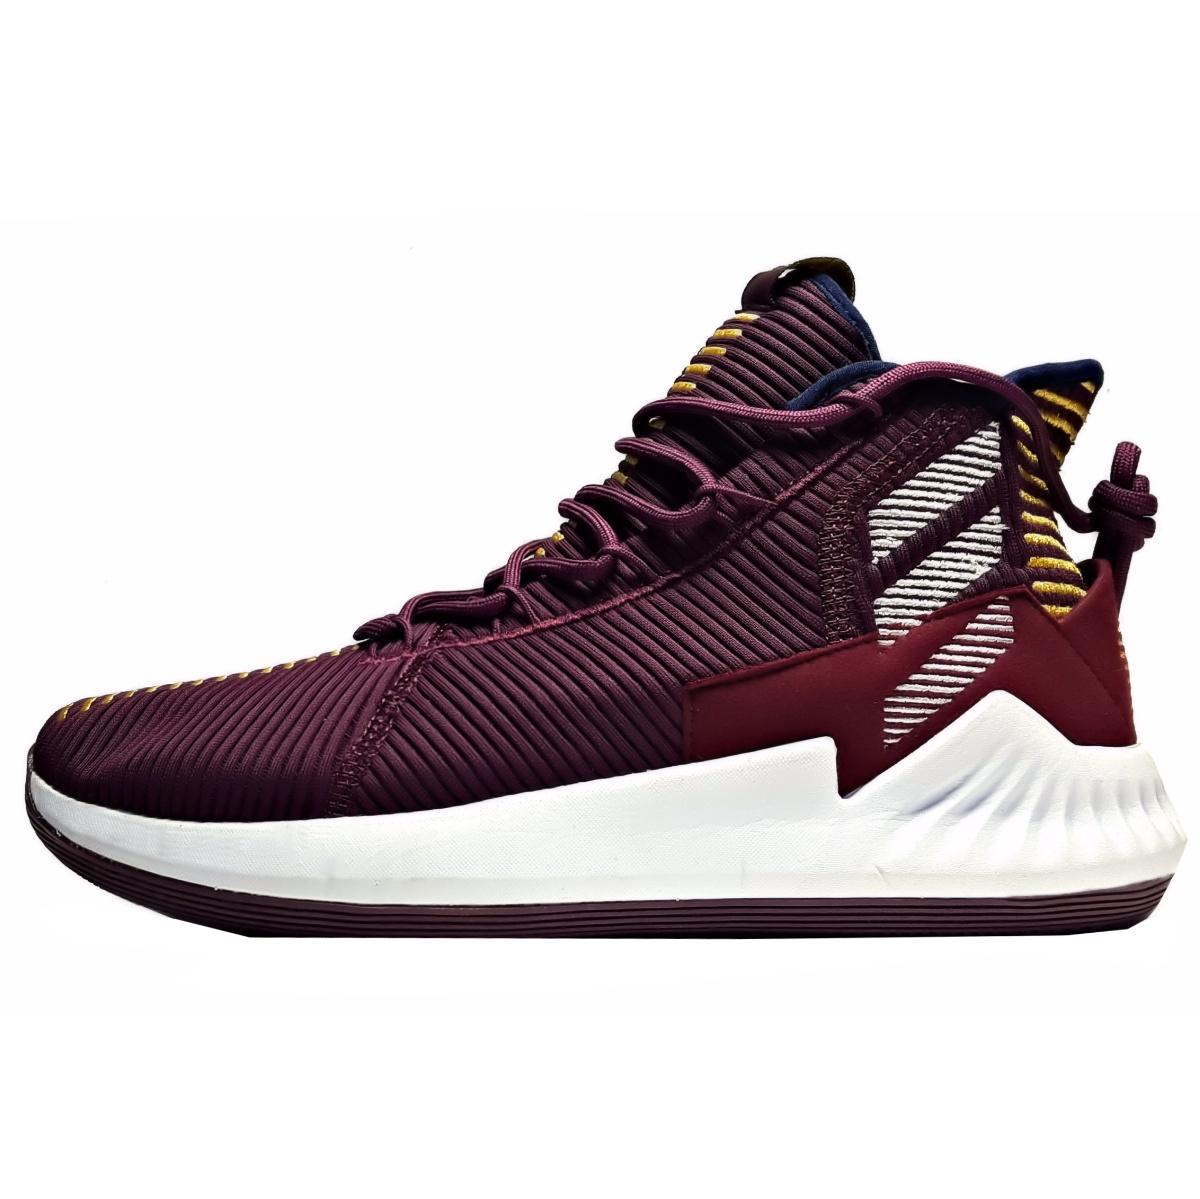 خرید                      کفش بسکتبال مردانه مدل ROS 9 G              👟